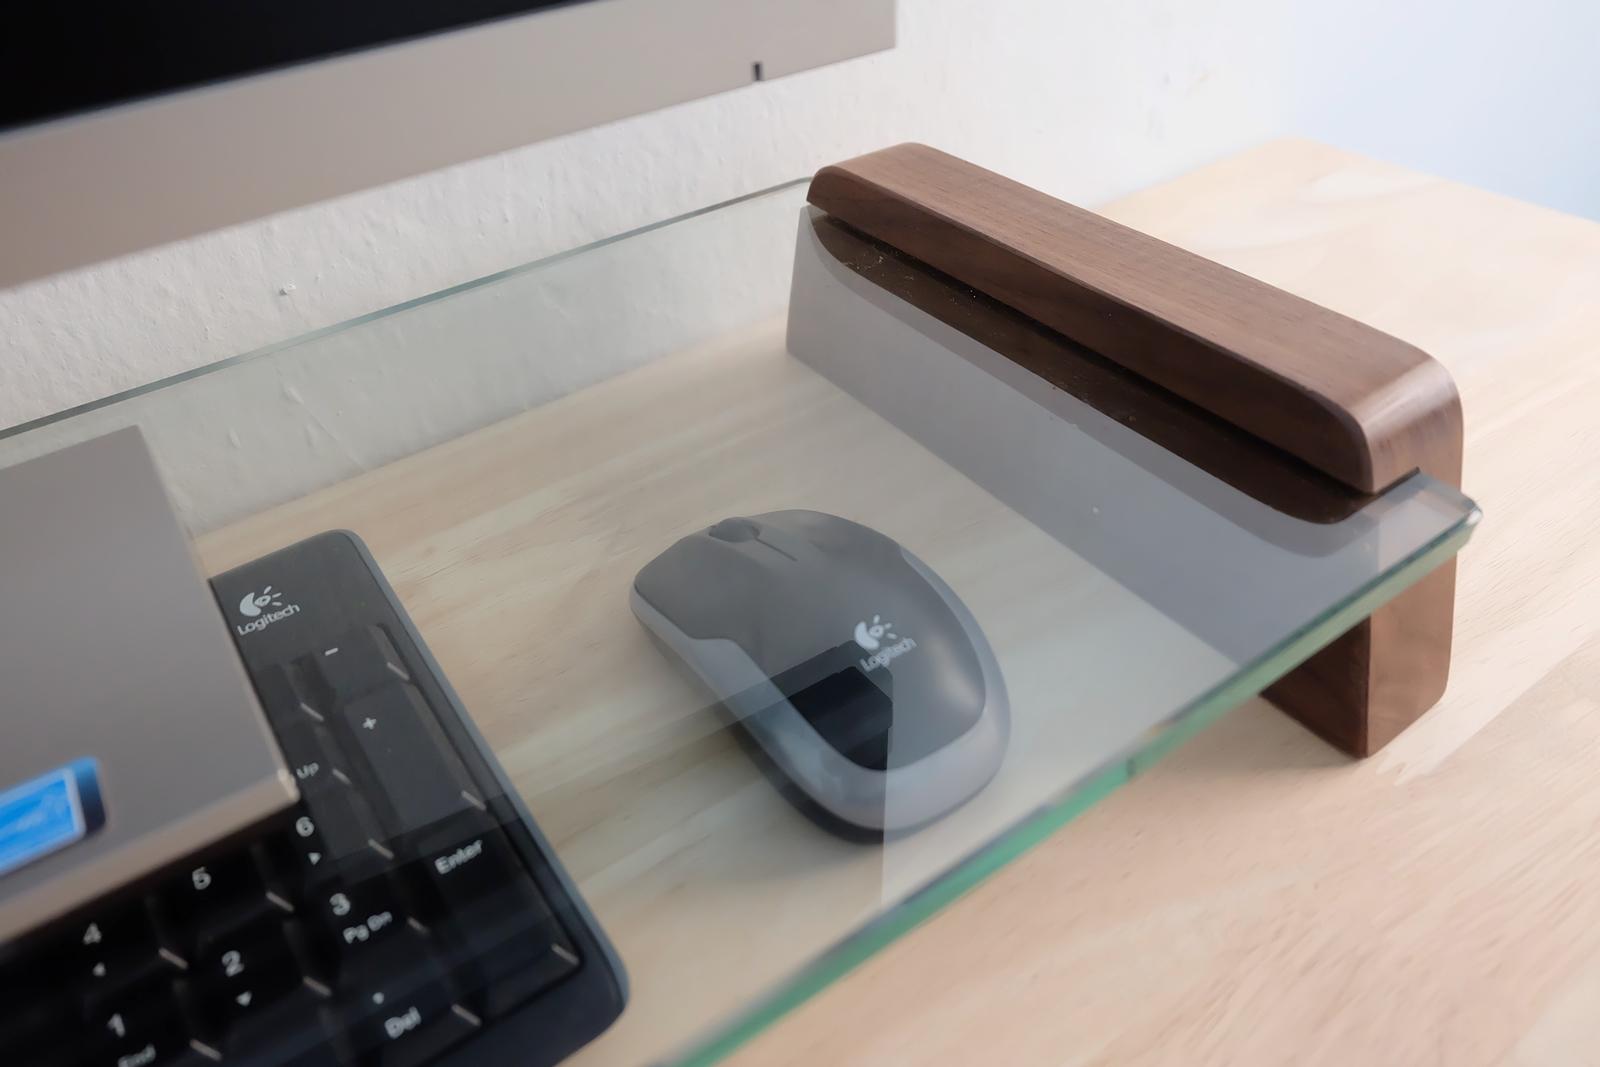 ที่วางจอคอมพิวเตอร์ รุ่น kk stand มุมขวา